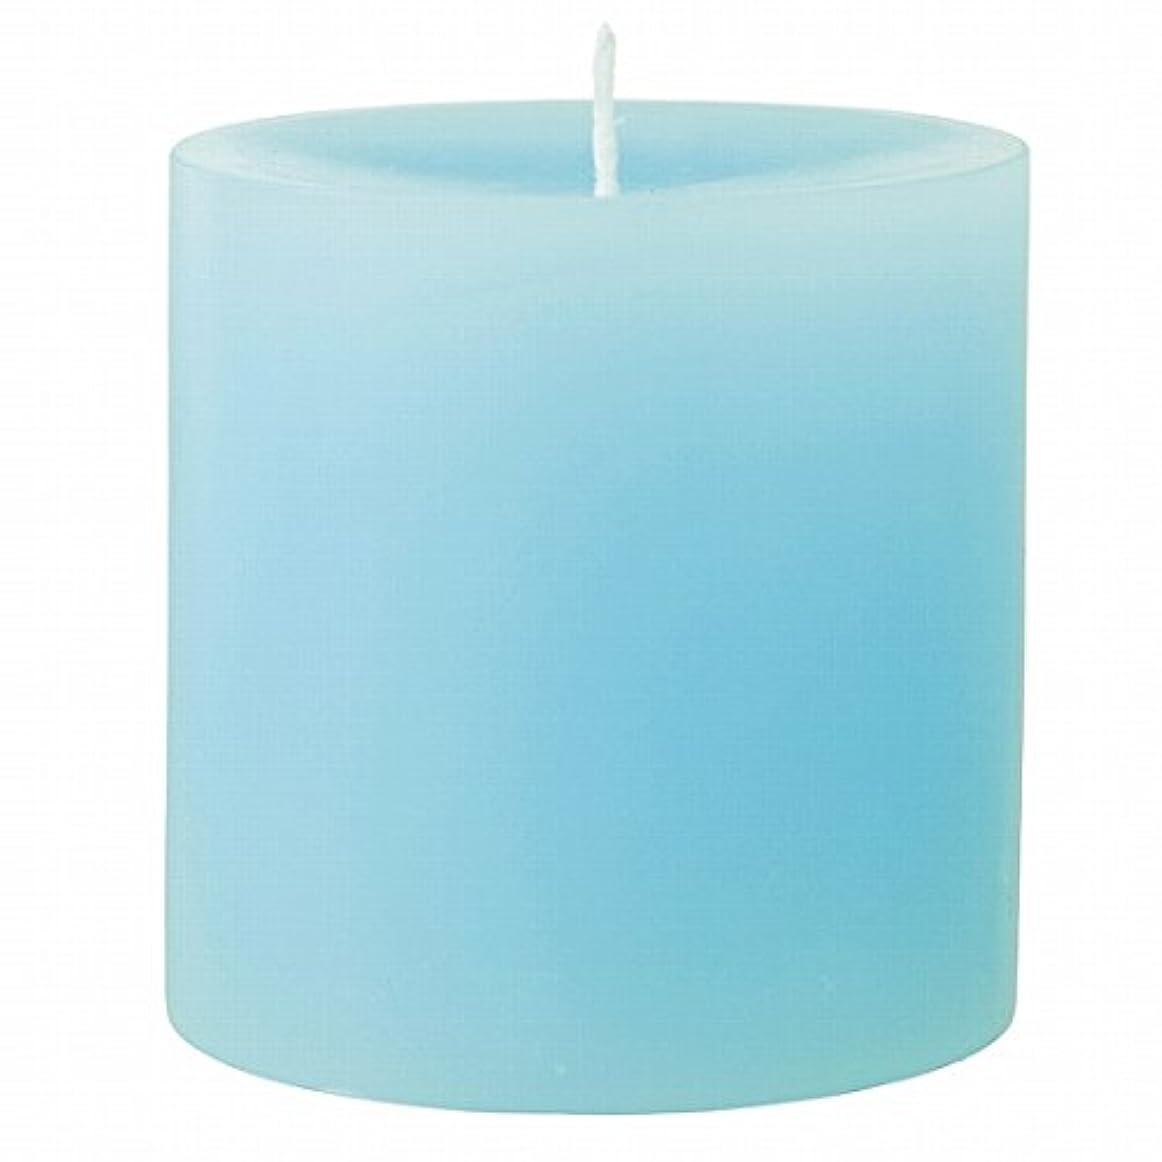 評論家隔離選ぶカメヤマキャンドル(kameyama candle) 75×75ピラーキャンドル 「 ライトブルー 」